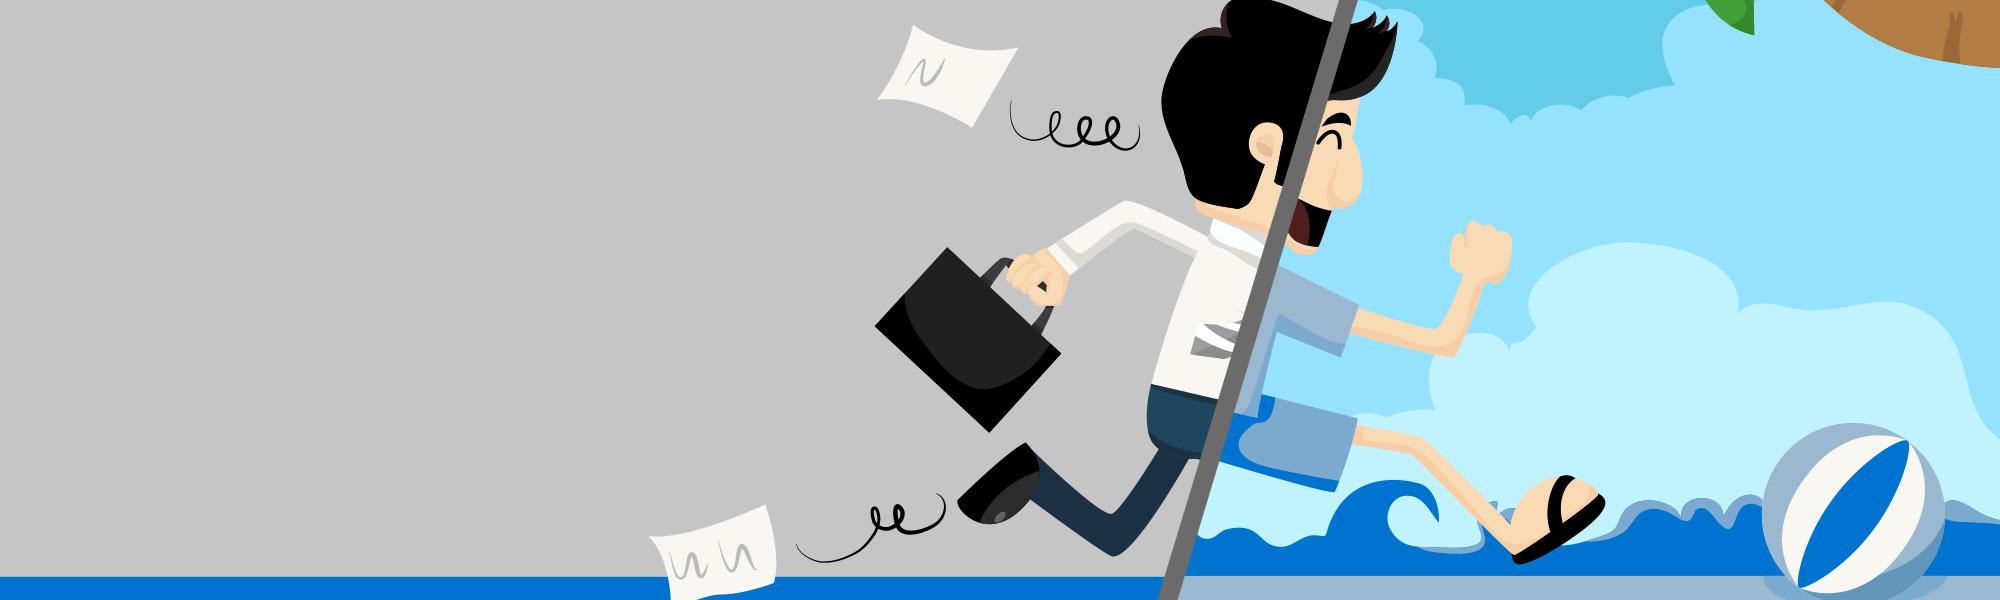 Arbeid pensioen verzekeringen collectieve individuele